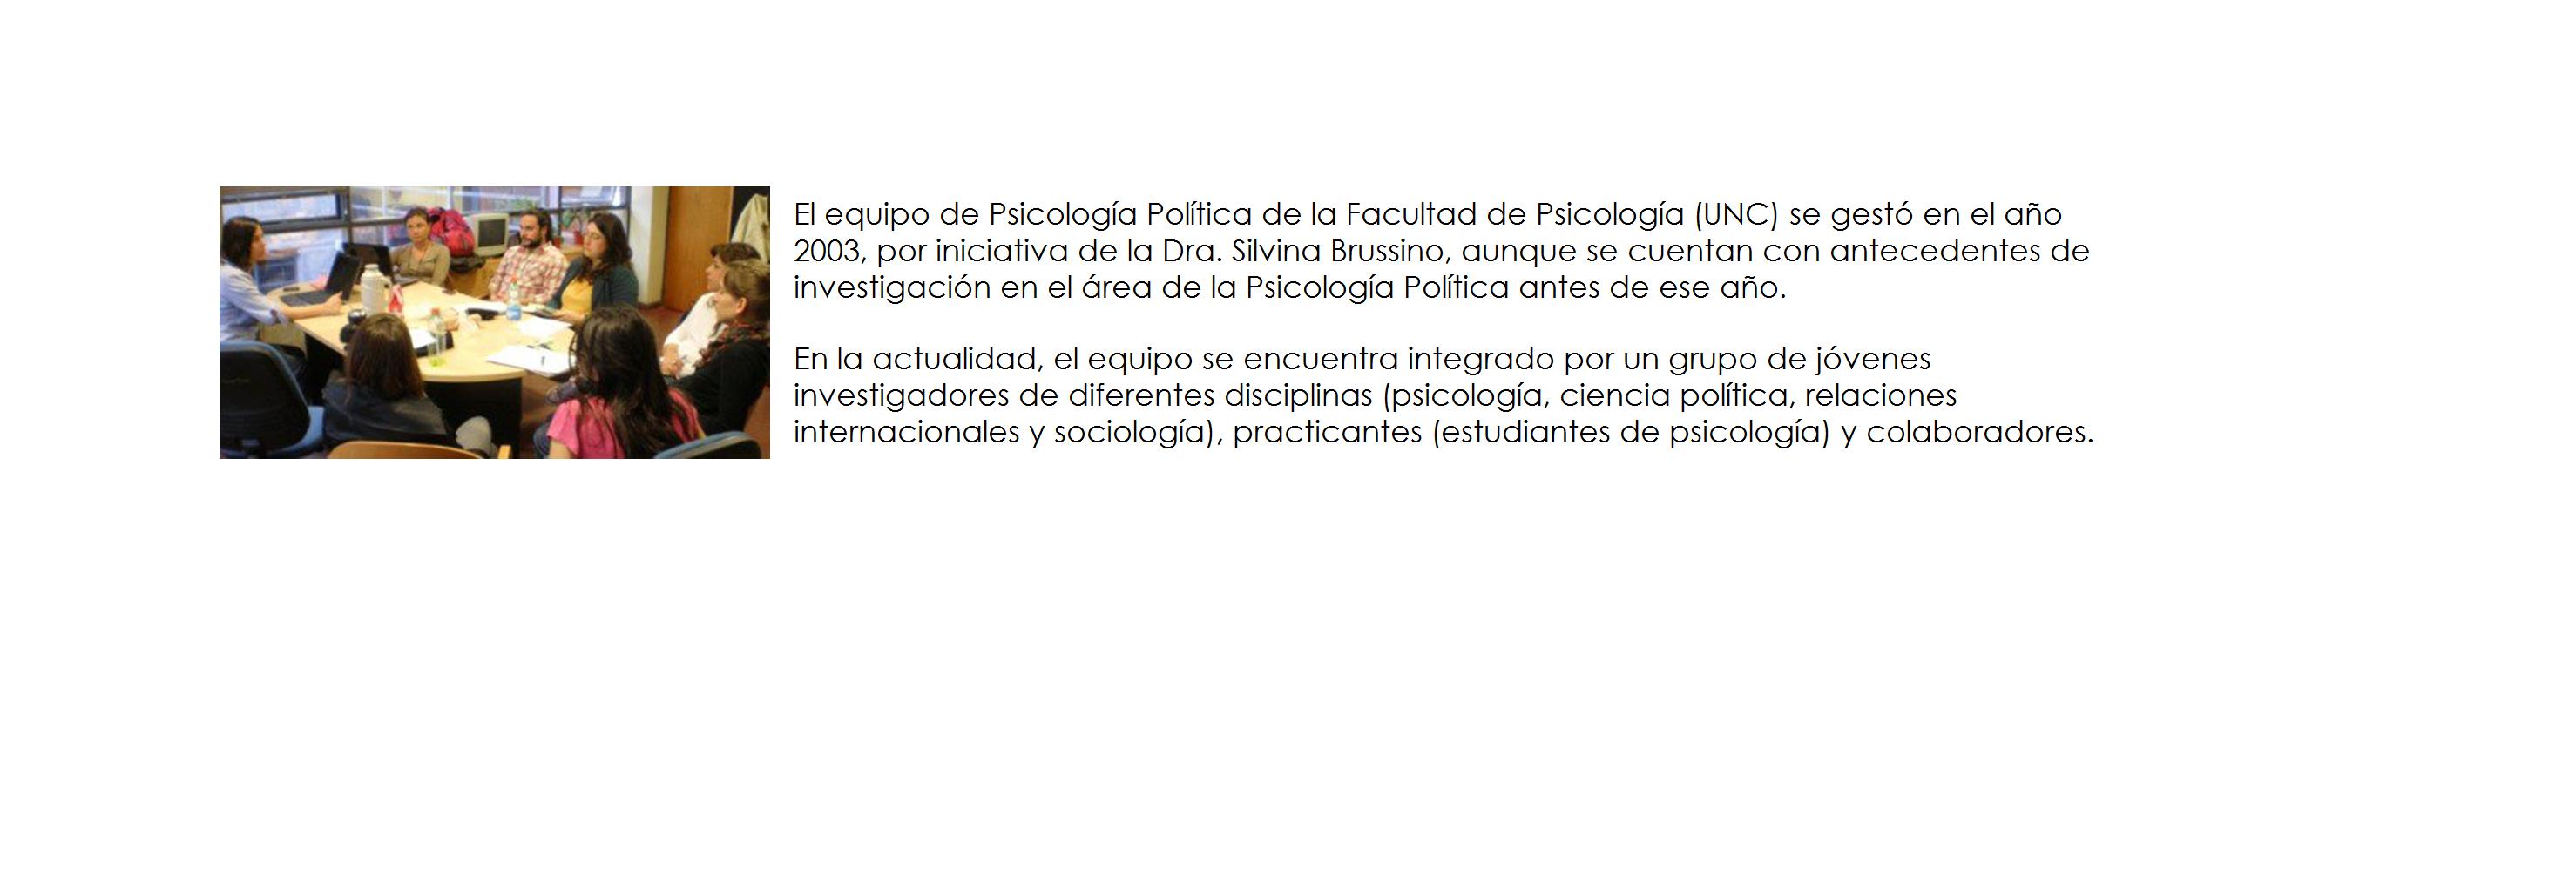 Equipo de Psicología Política